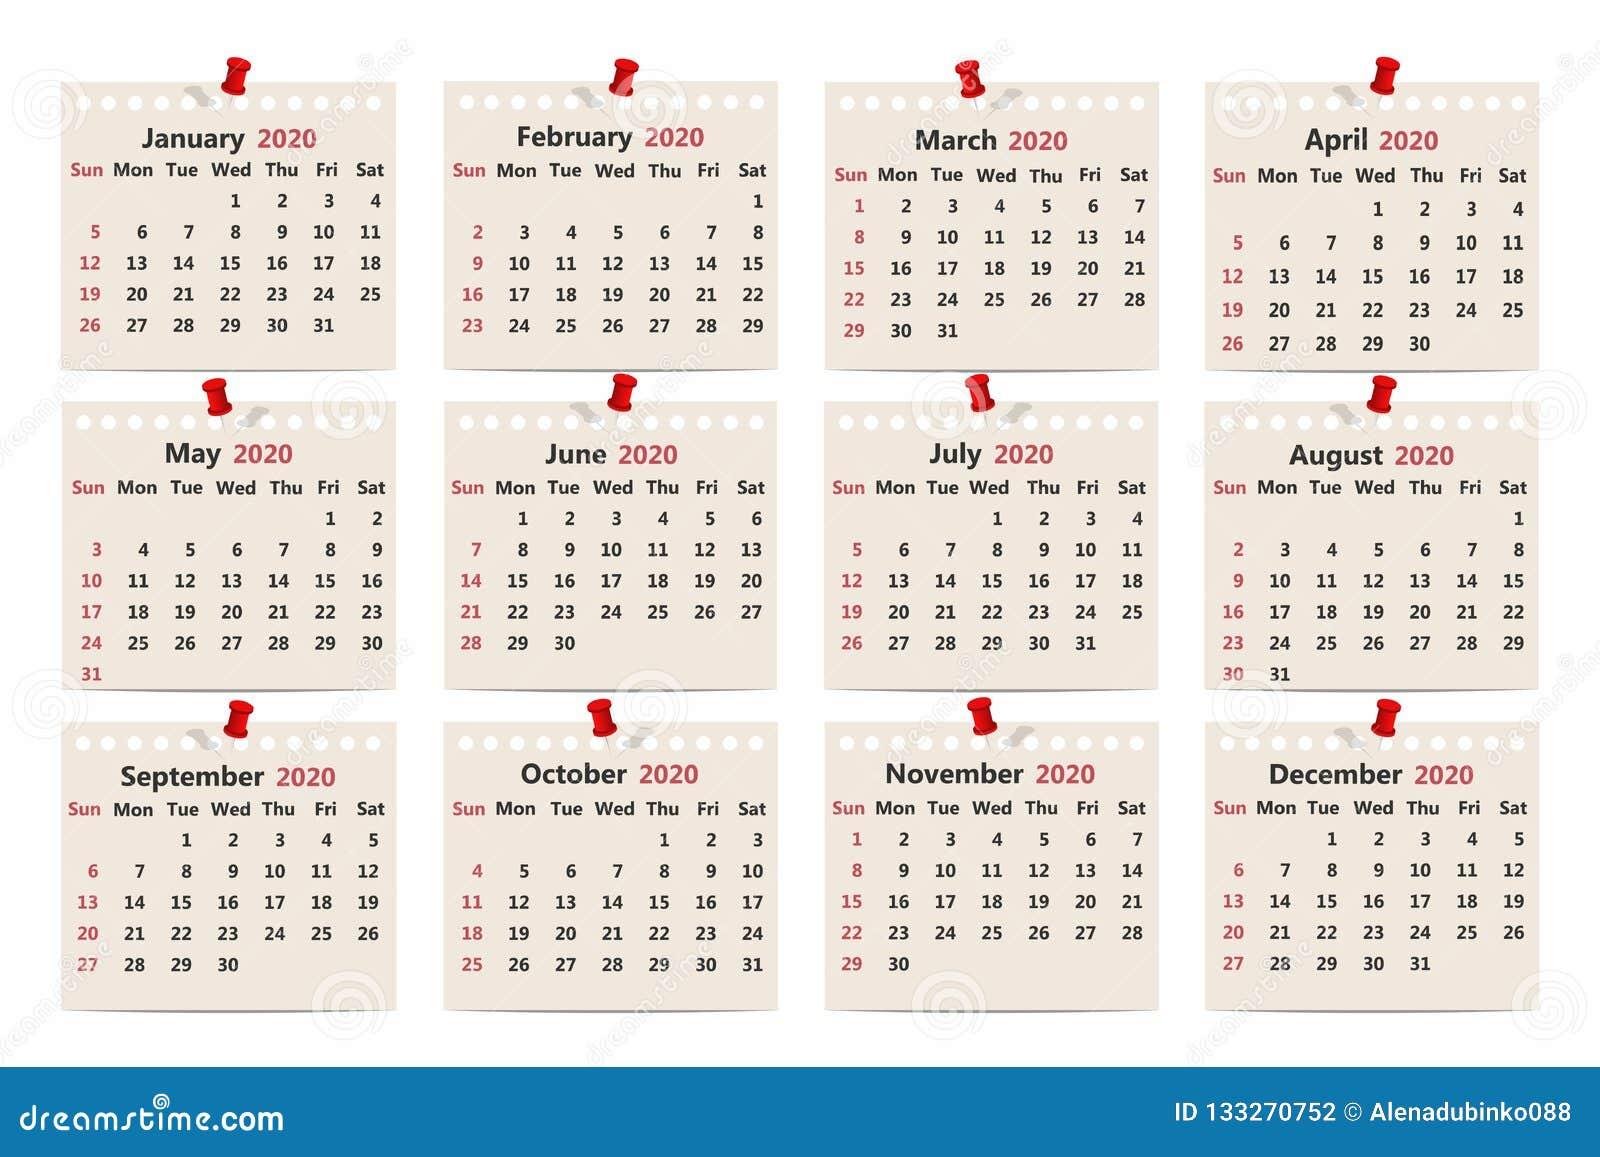 Calendario 2020 Semanas.Calendario 2020 Molde Mensal Do Calendario No Papel Velho